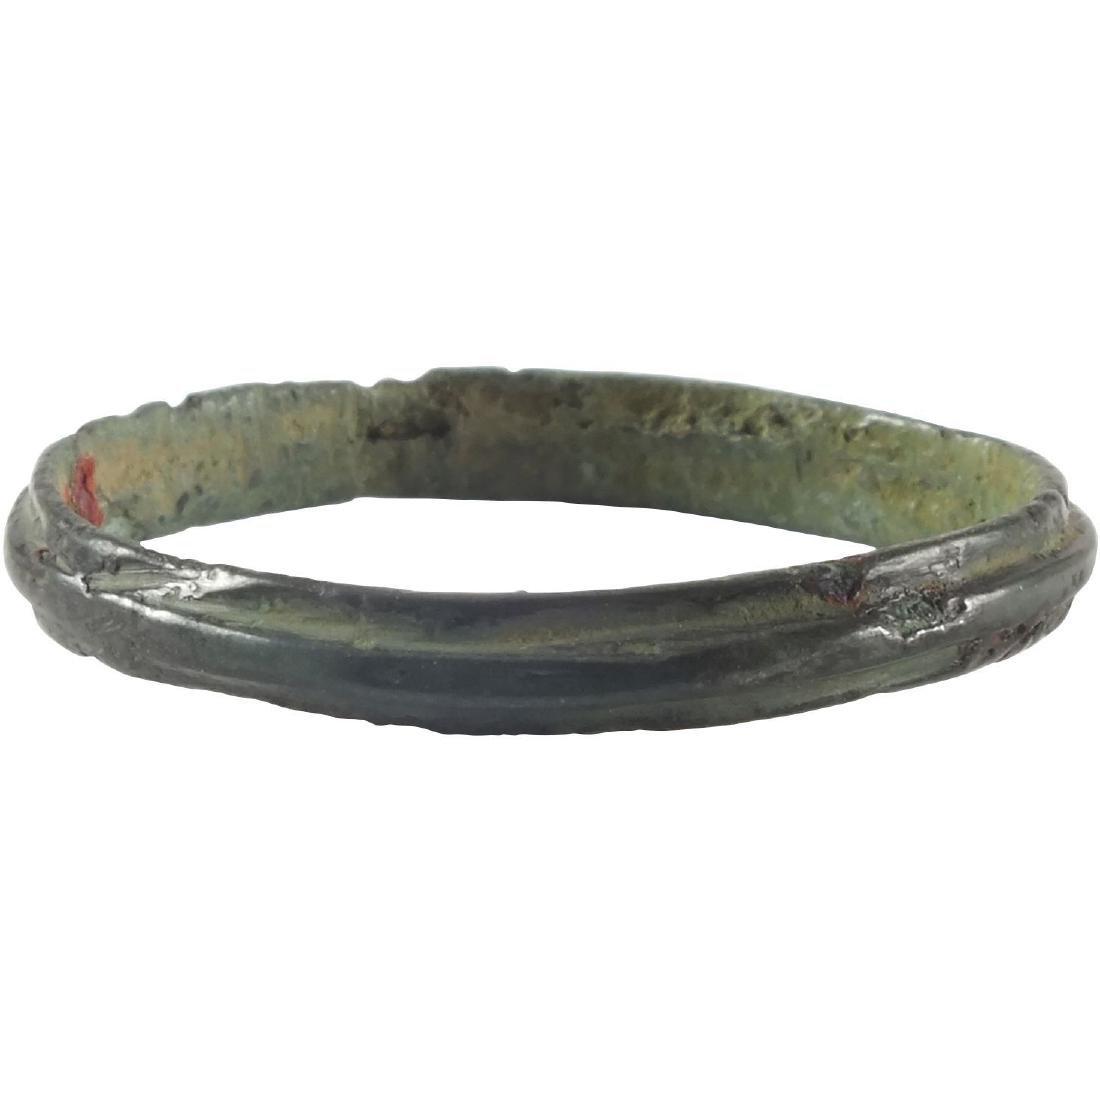 VIKING WEDDING RING, 866-1067 AD